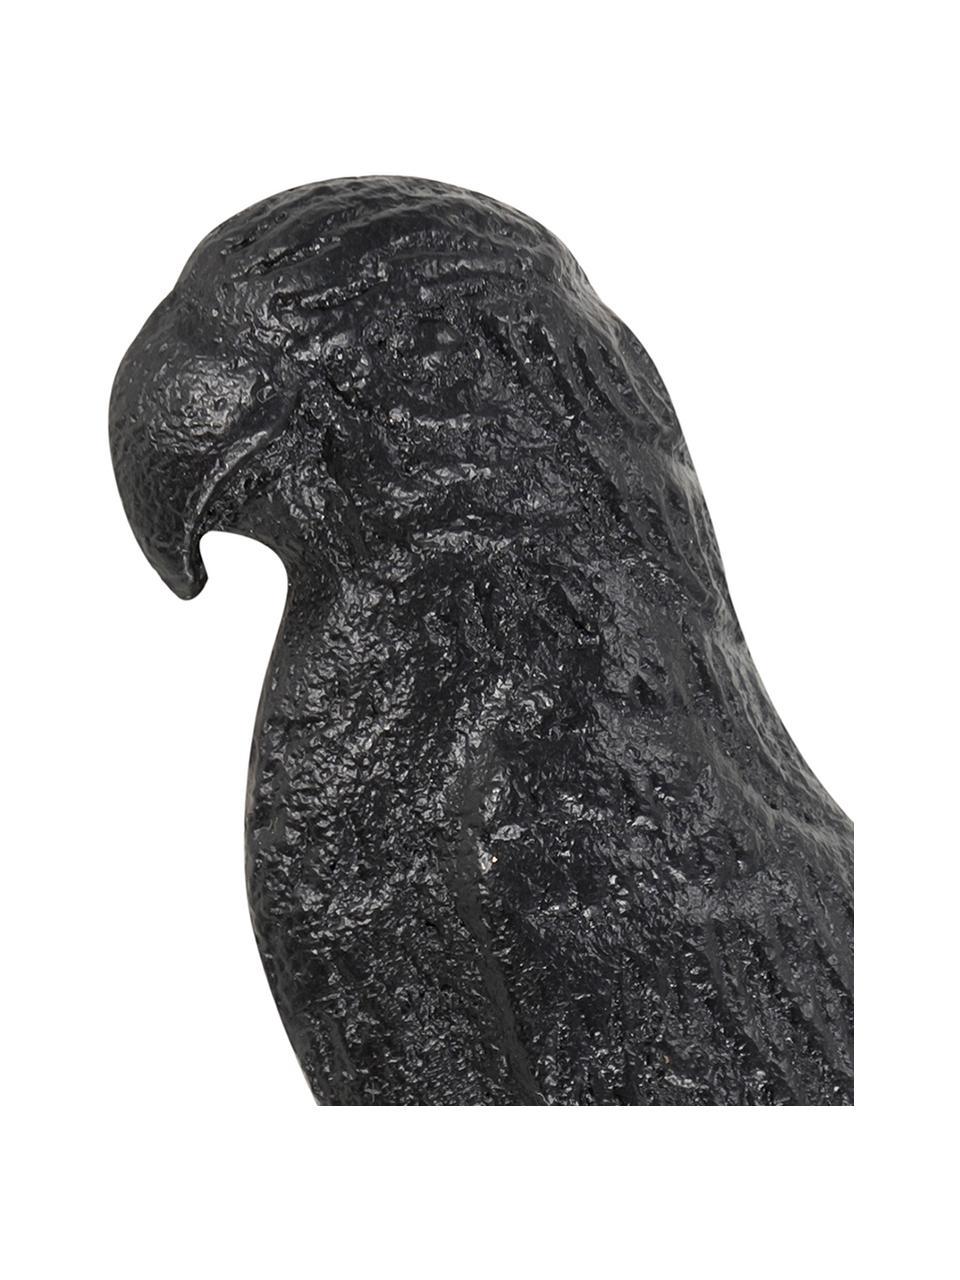 Otwieracz do butelek Ara, Metal powlekany, Czarny, S 7 x W 13 cm